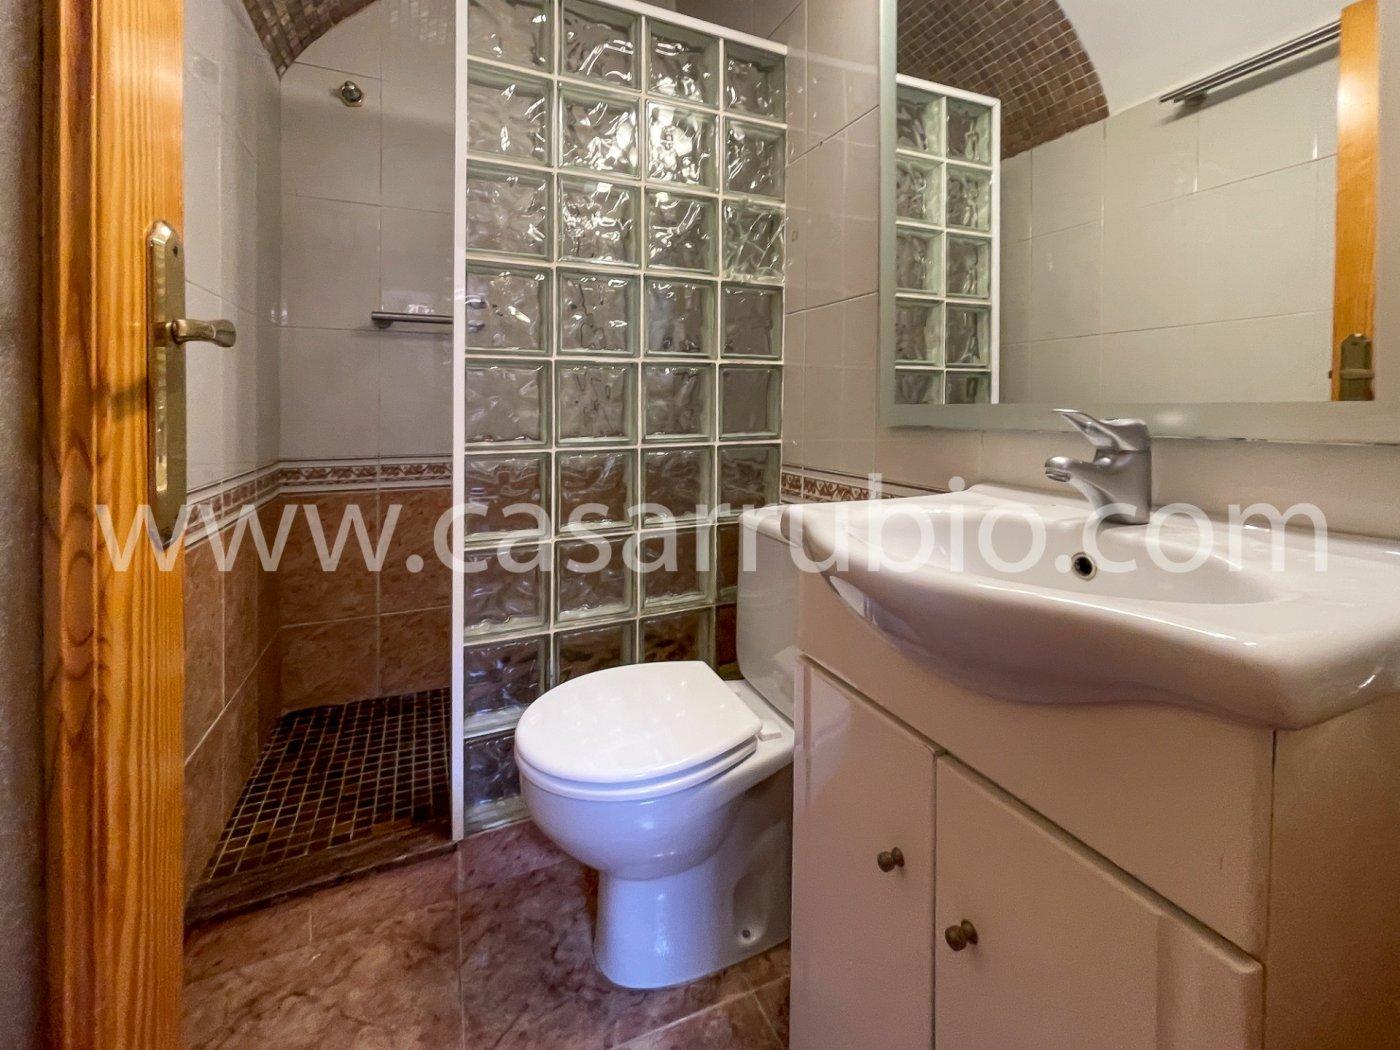 Estupenda casa reformada y con terraza en onil !! - imagenInmueble3